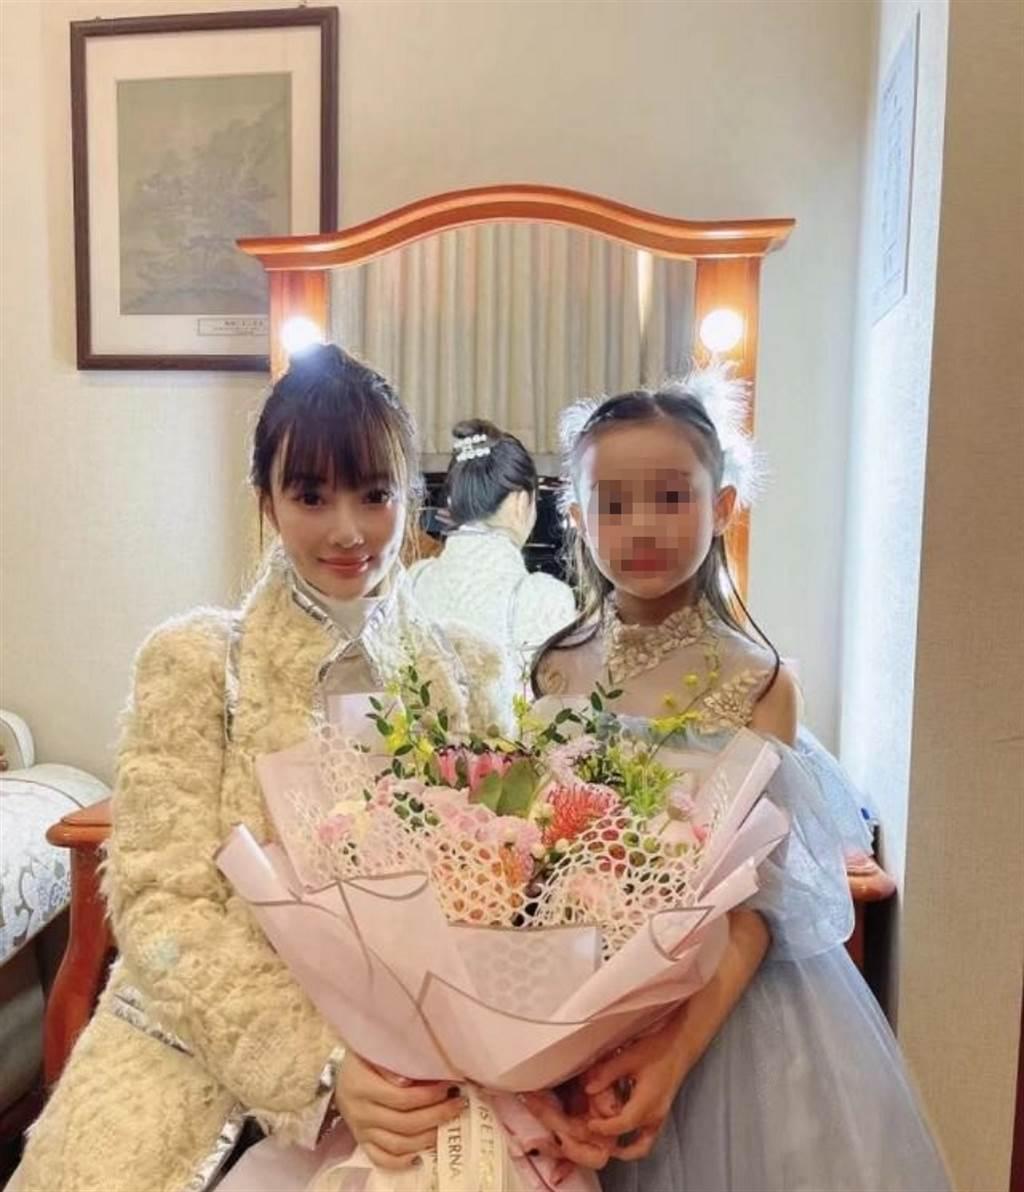 李小璐经常分享和女儿「甜馨」的生活照,近期出席甜馨第二次钢琴表演,两人在后台亲密合照,曝光她38岁真实状态。(图/ 摘自李小璐微博)